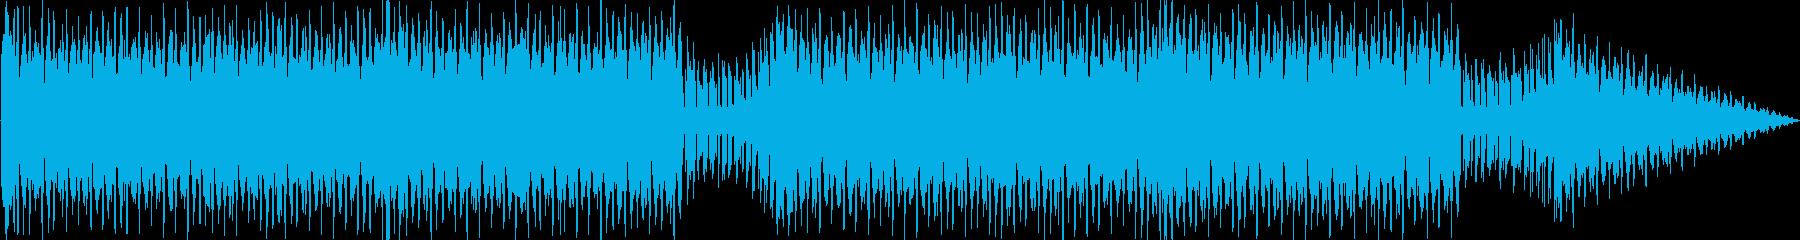 爽やかハウステクノの再生済みの波形